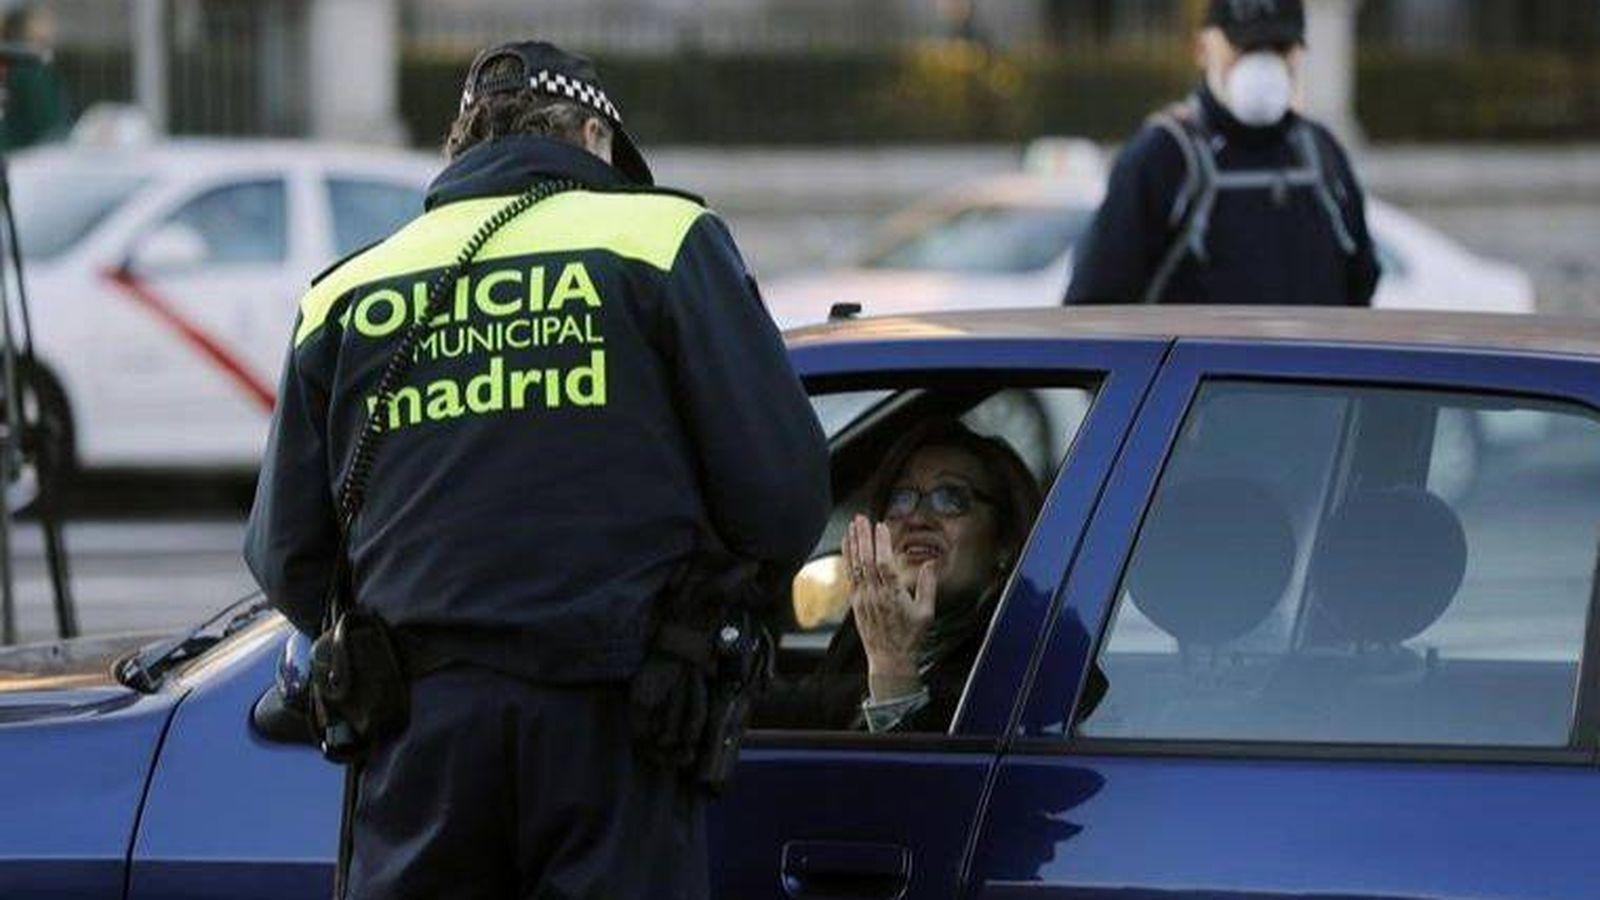 Foto: Un agente de la Policía Municipal de Madrid conversando con una conductora